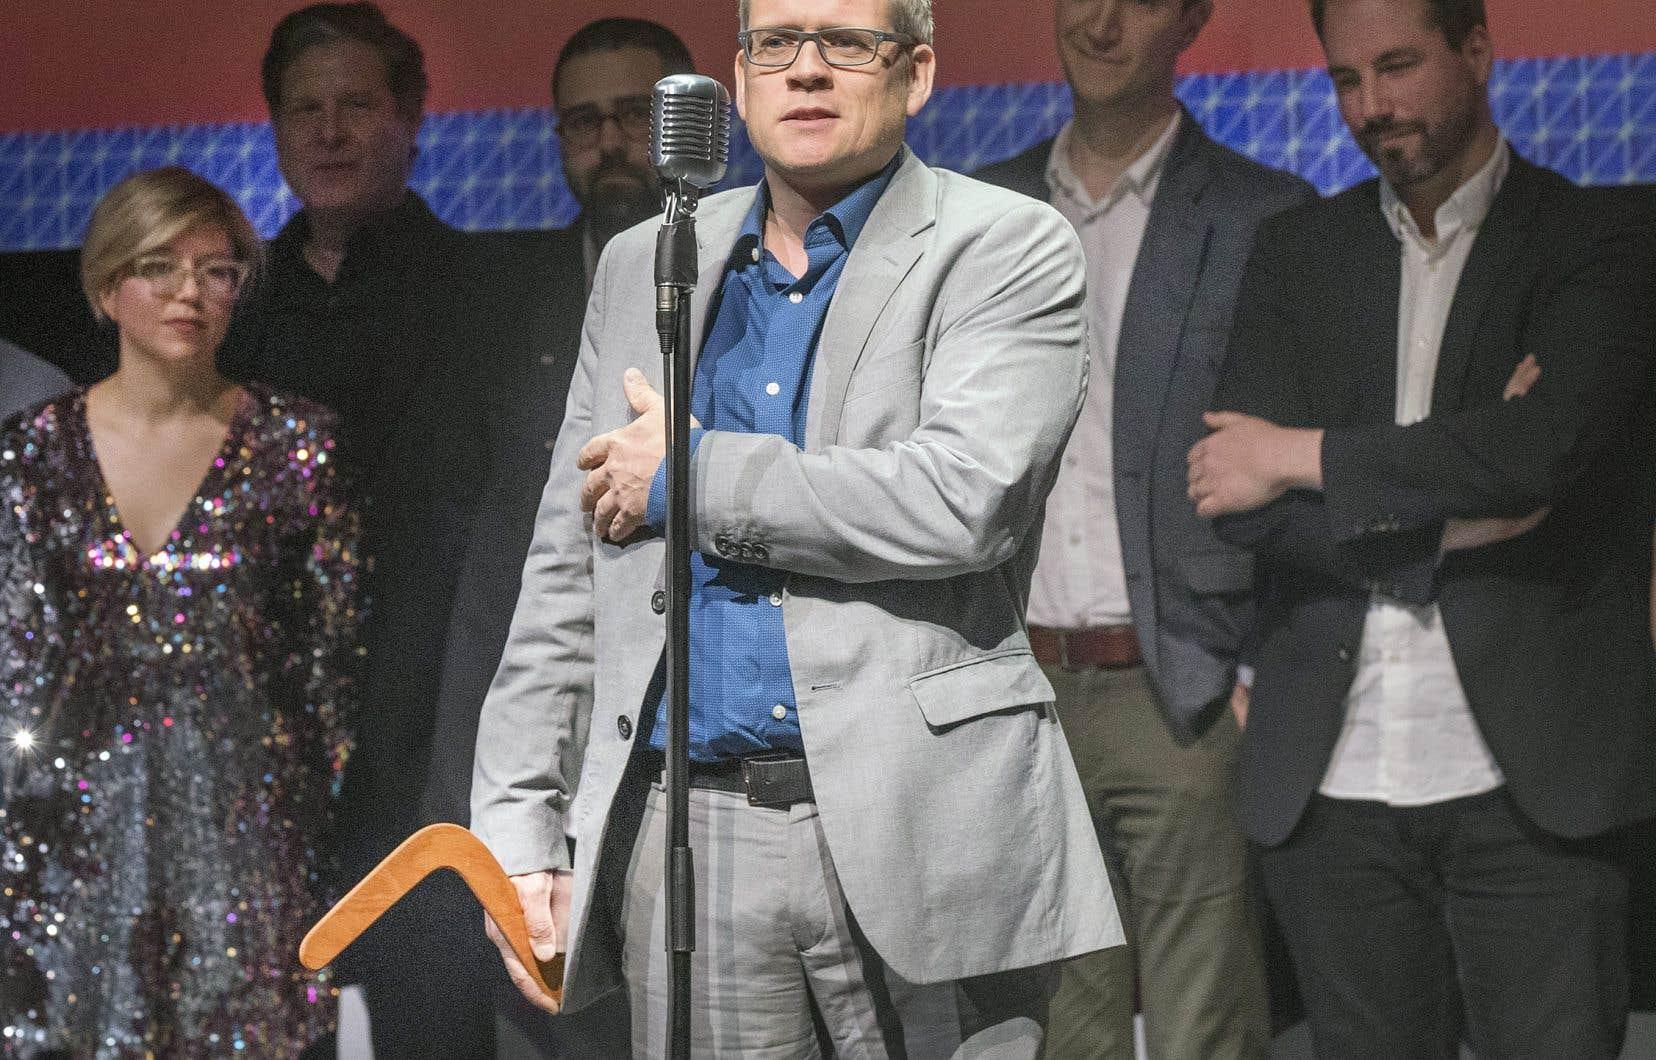 Le directeur du «Devoir», Brian Myles, a accepté le Grand Prix du concours Boomerang, remporté pour l'ensemble des initiatives numériques réalisées par le journal dans les derniers mois.